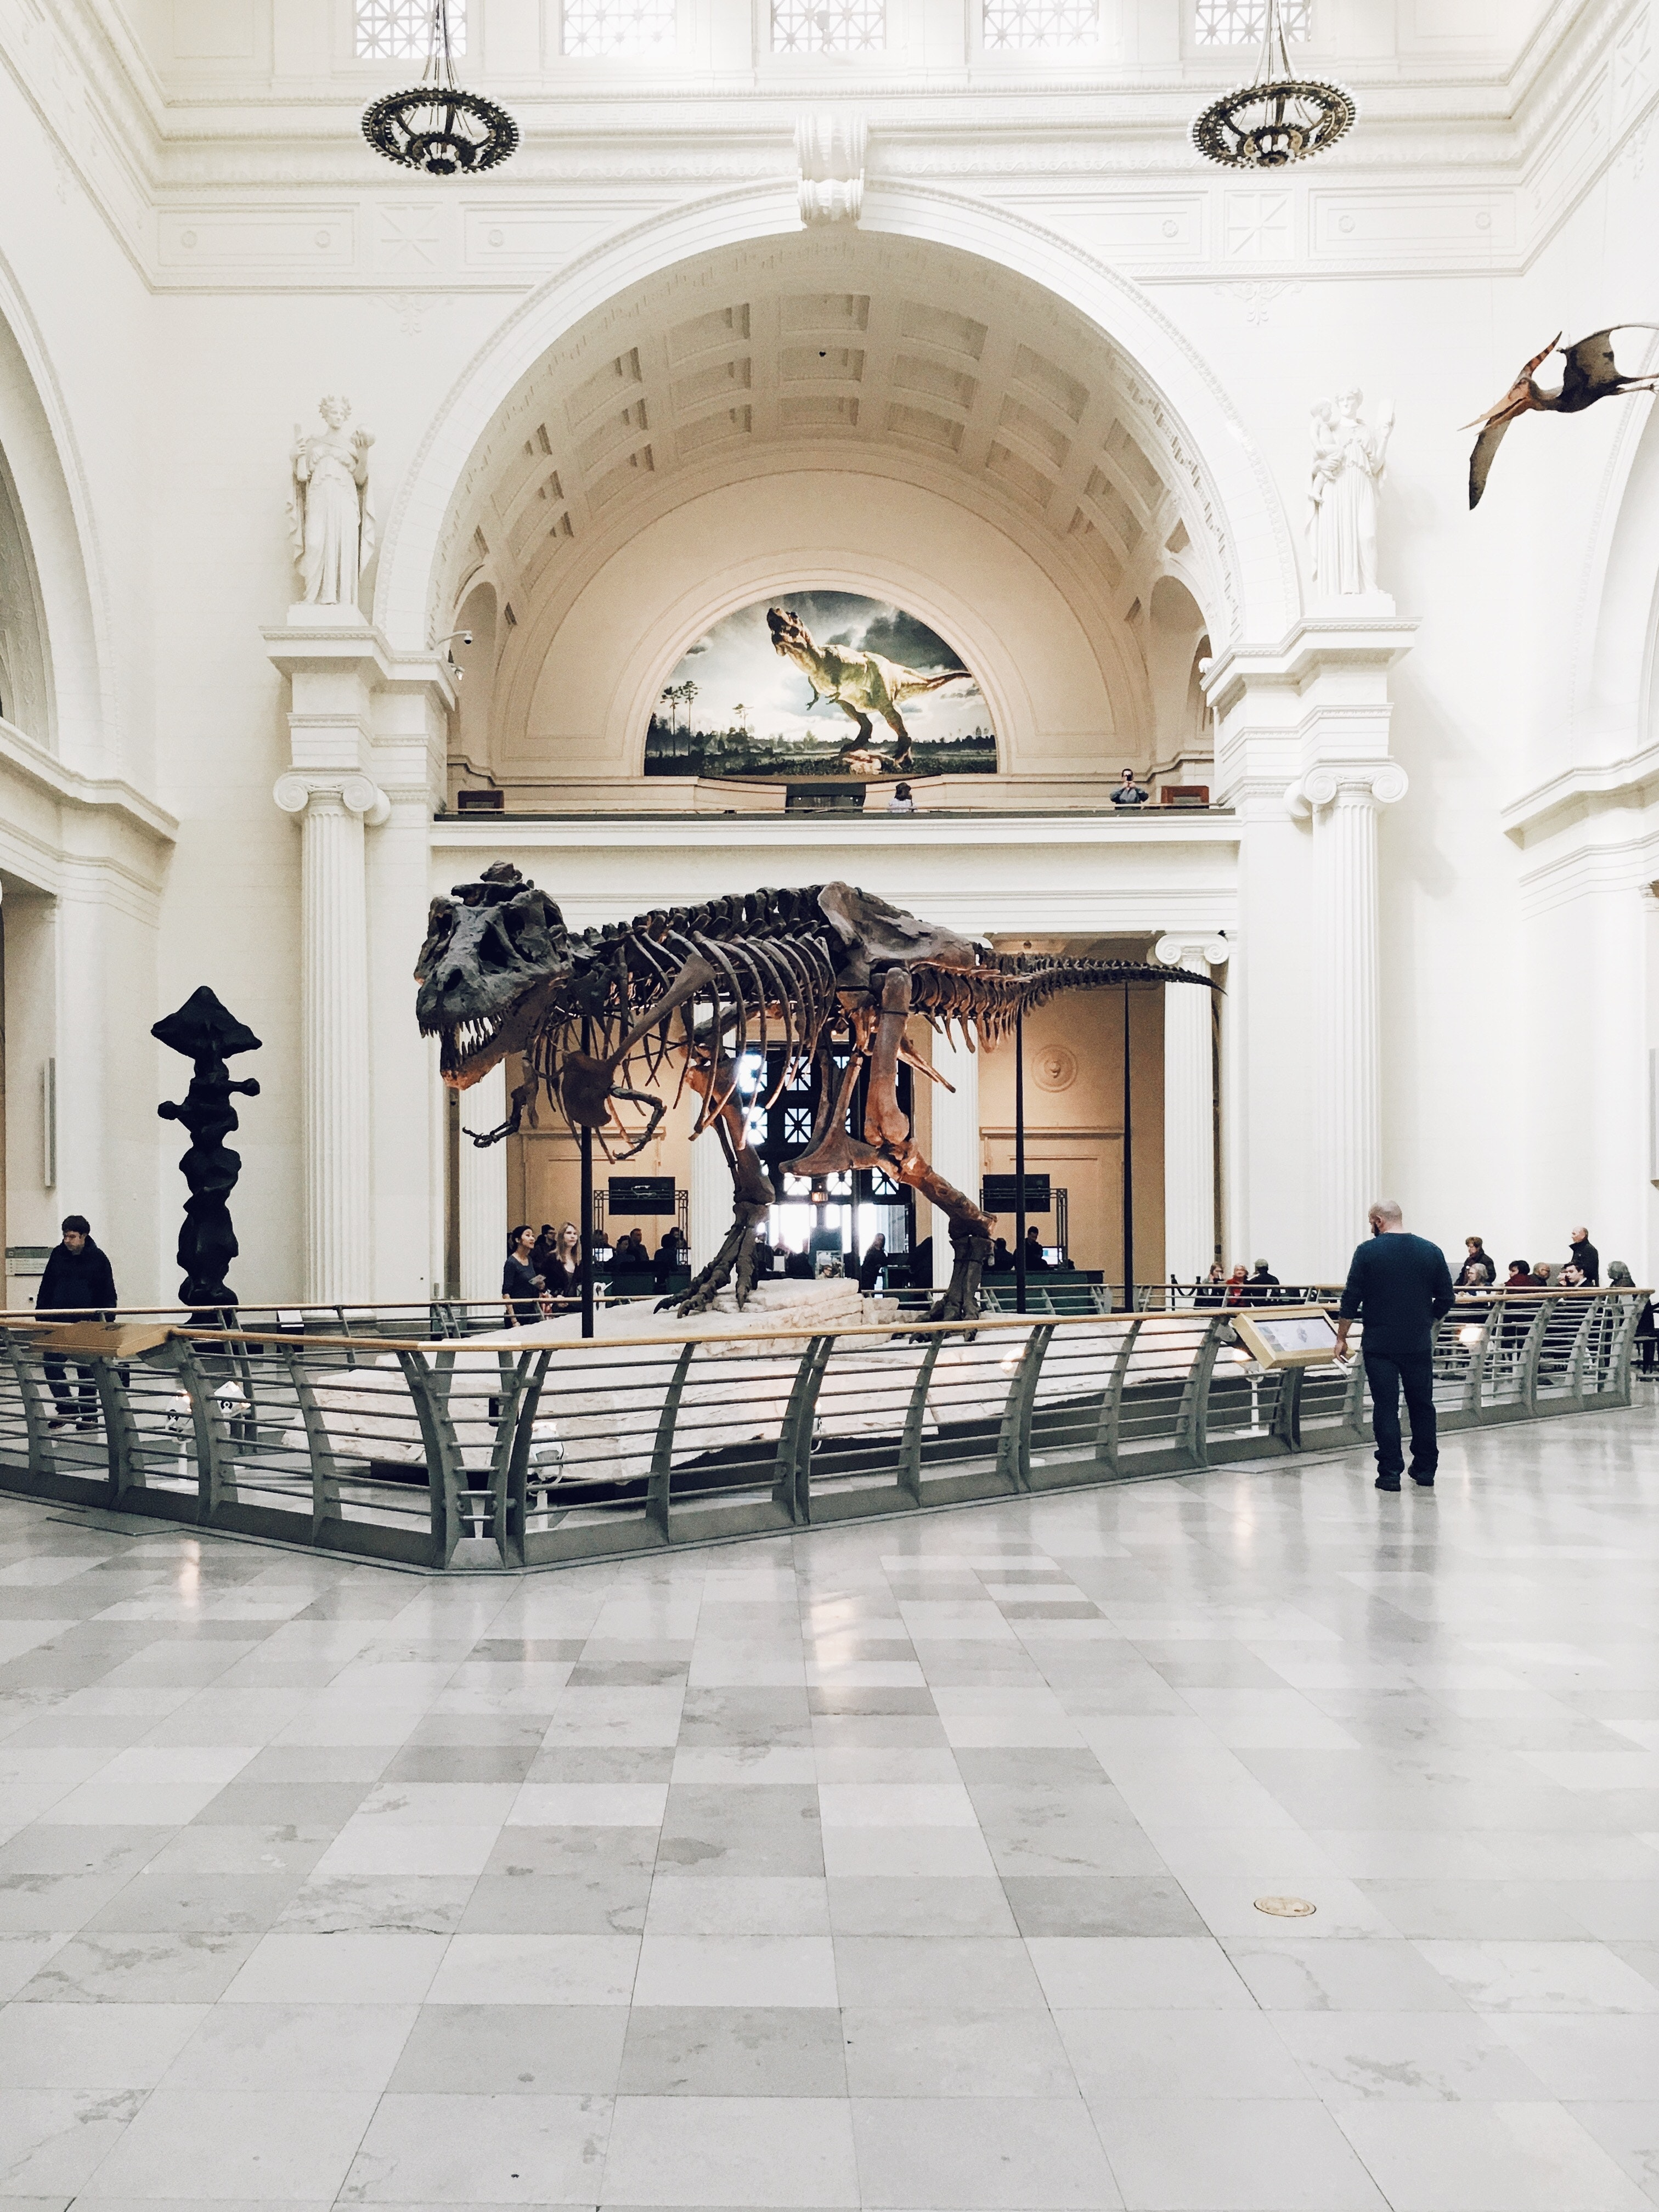 T-Rex skeleton inside a museum